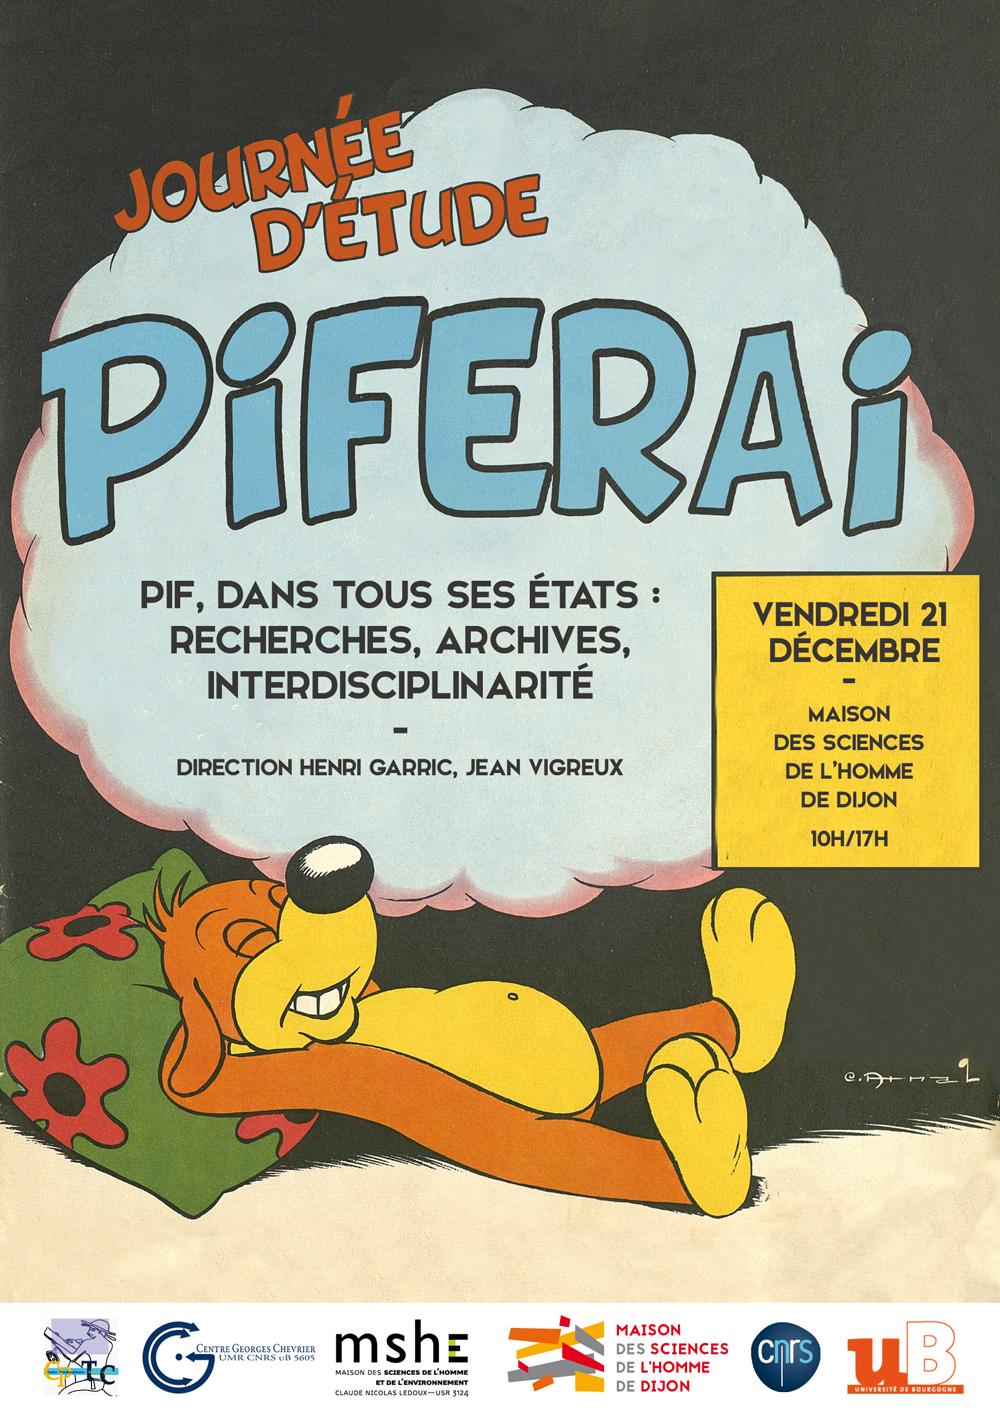 aff PIFERAI A5 nov18